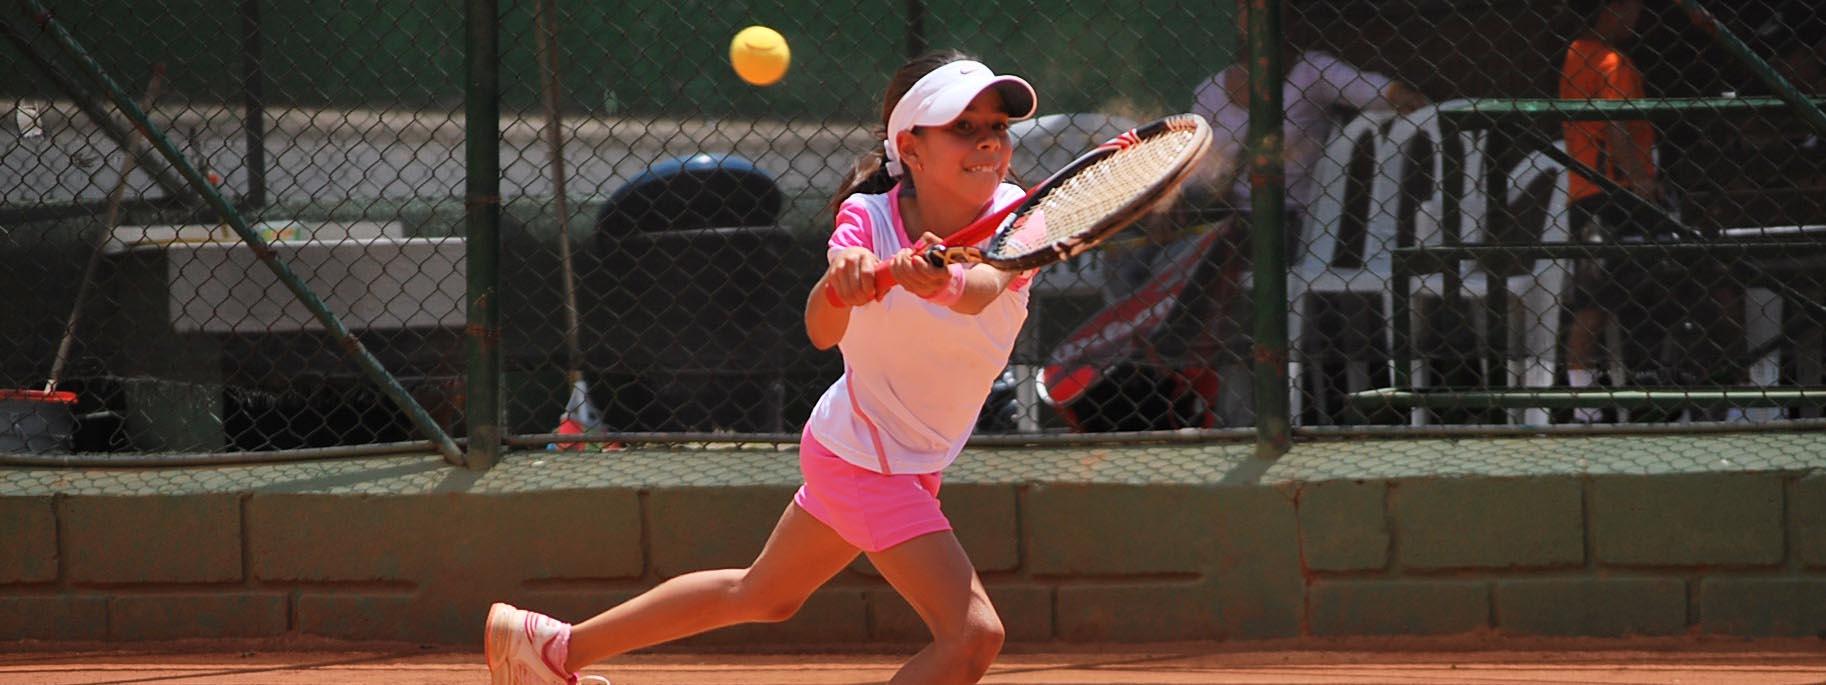 PSICOLOGÍA DEL DEPORTE: Tenis en la niñez, valores y presiones (por Sol Rotondo, psicóloga del deporte)